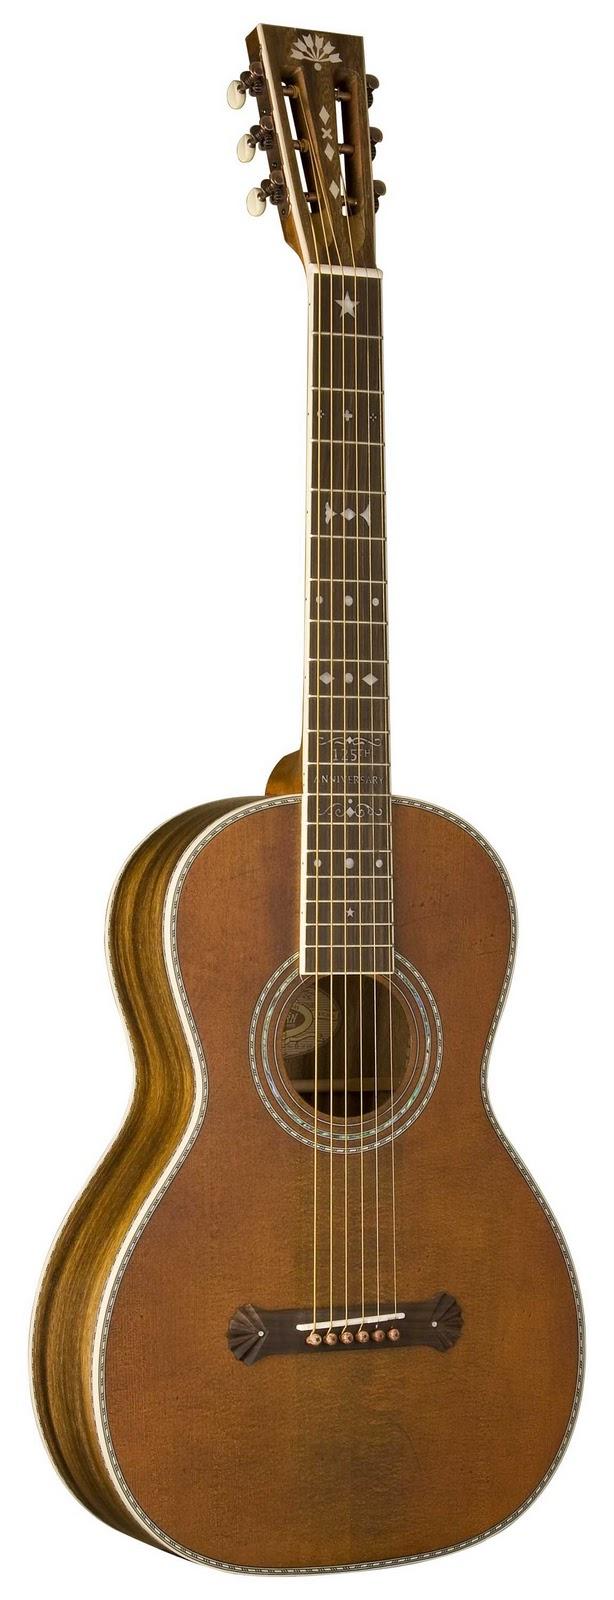 guitart shape of acoustic guitar. Black Bedroom Furniture Sets. Home Design Ideas